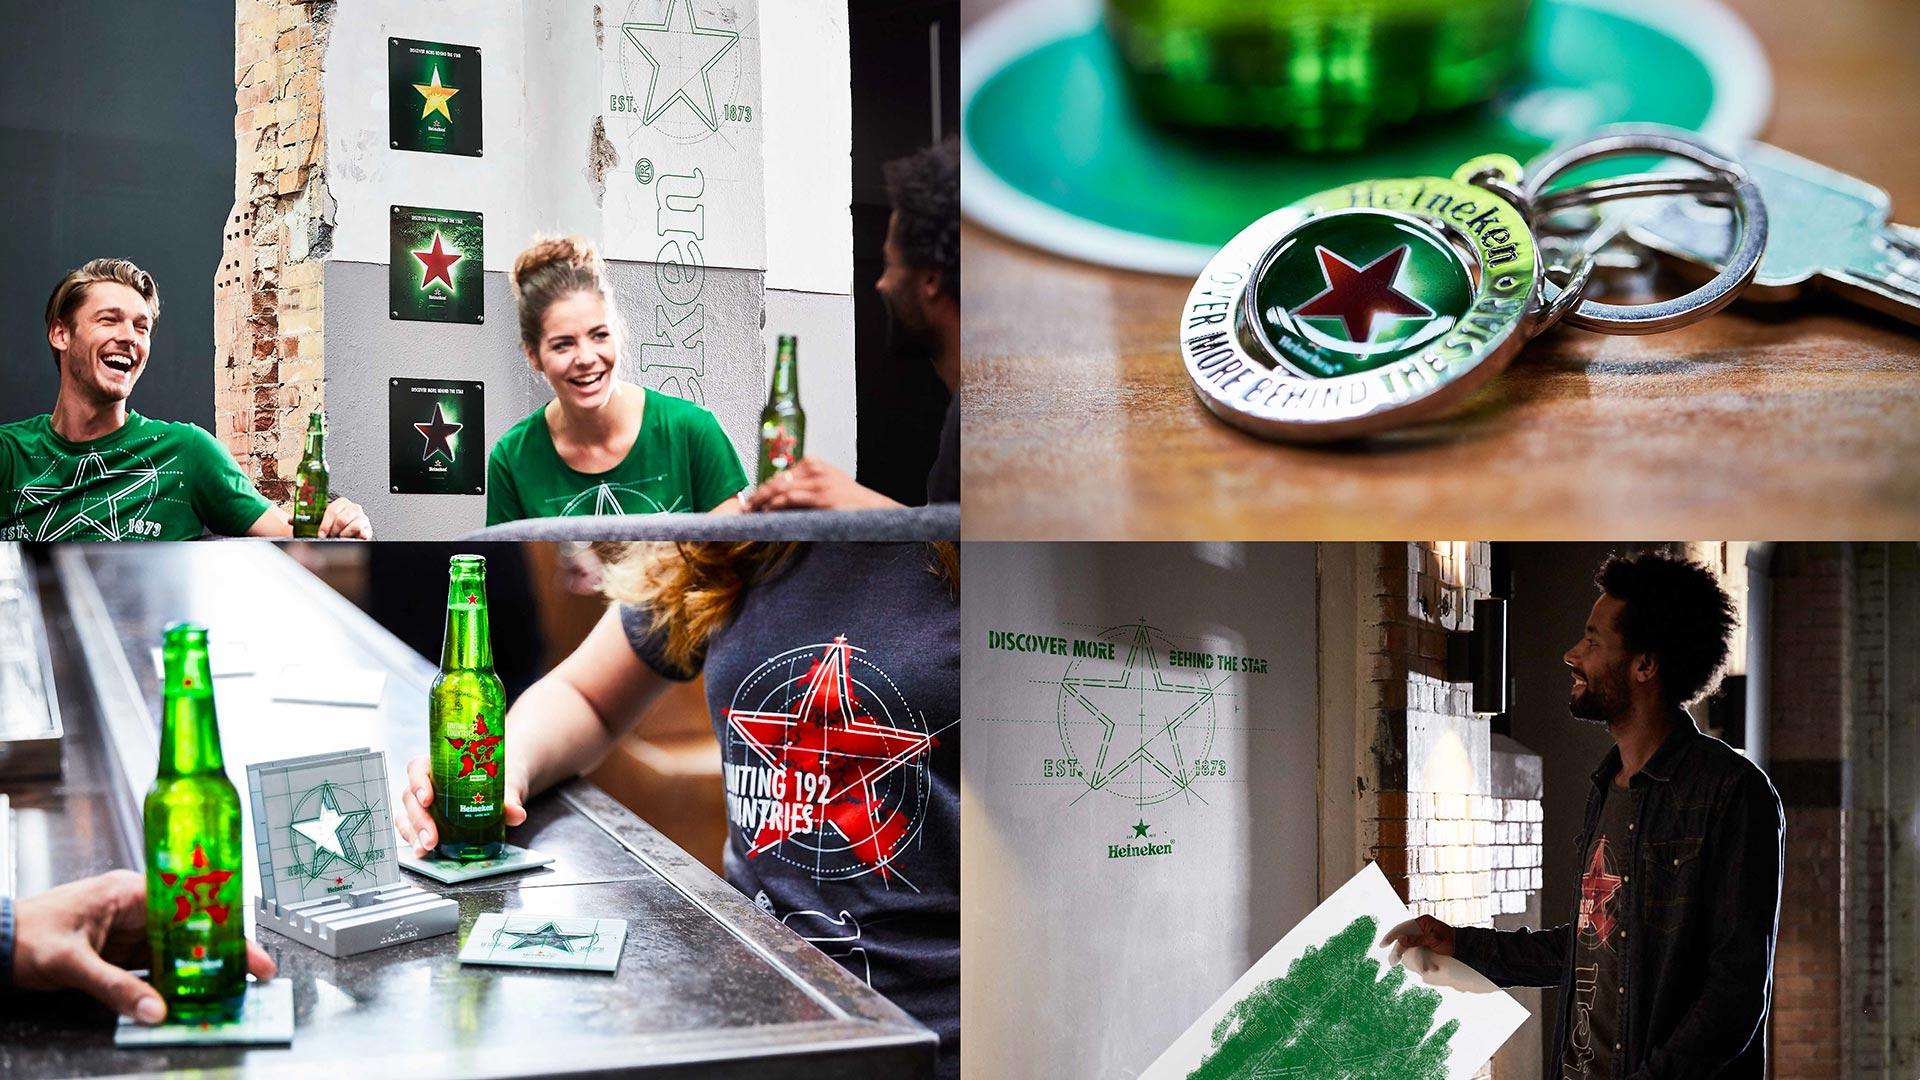 PDJPhoto, Peter de Jong, sluisweg 59, 2225 xj, Katwijk, 2016 cr, modellen, Credentials